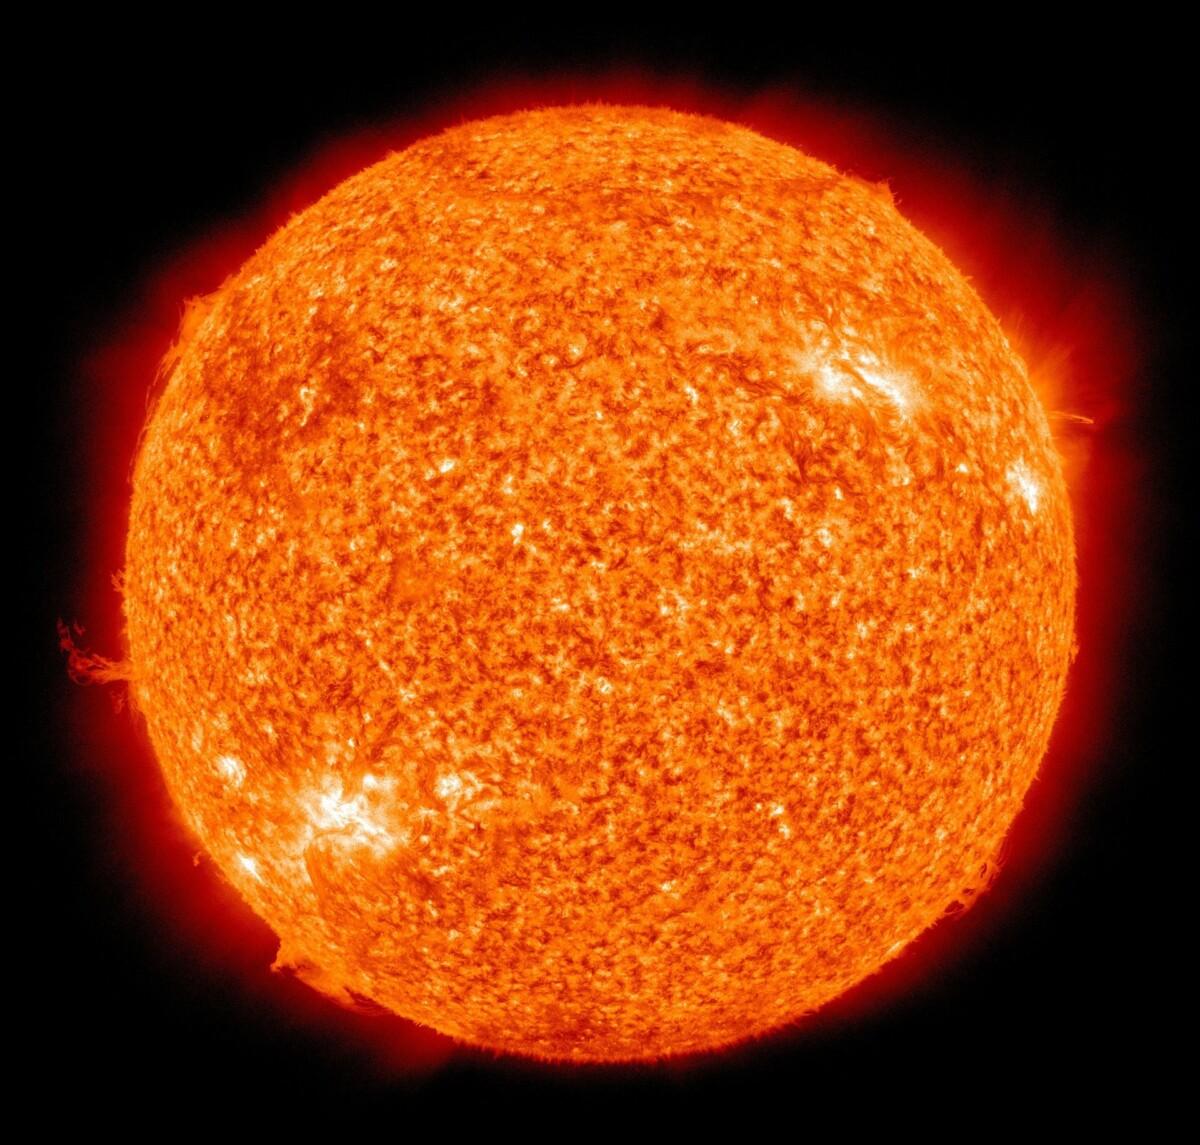 voor-het-eerst-%E2%80%98spookachtige%E2%80%99-cno-neutrino%E2%80%99s-ontdekt-op-aarde